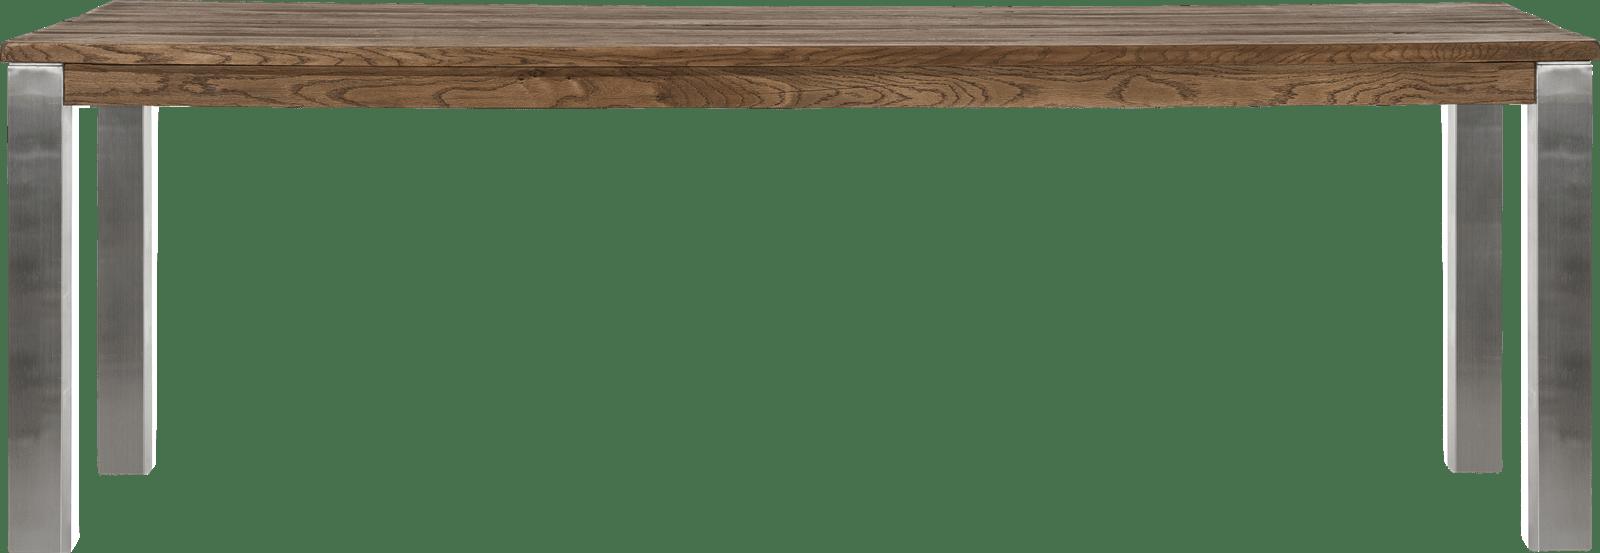 Masters - tresentisch 240 x 100 cm - edelstahl 9x9